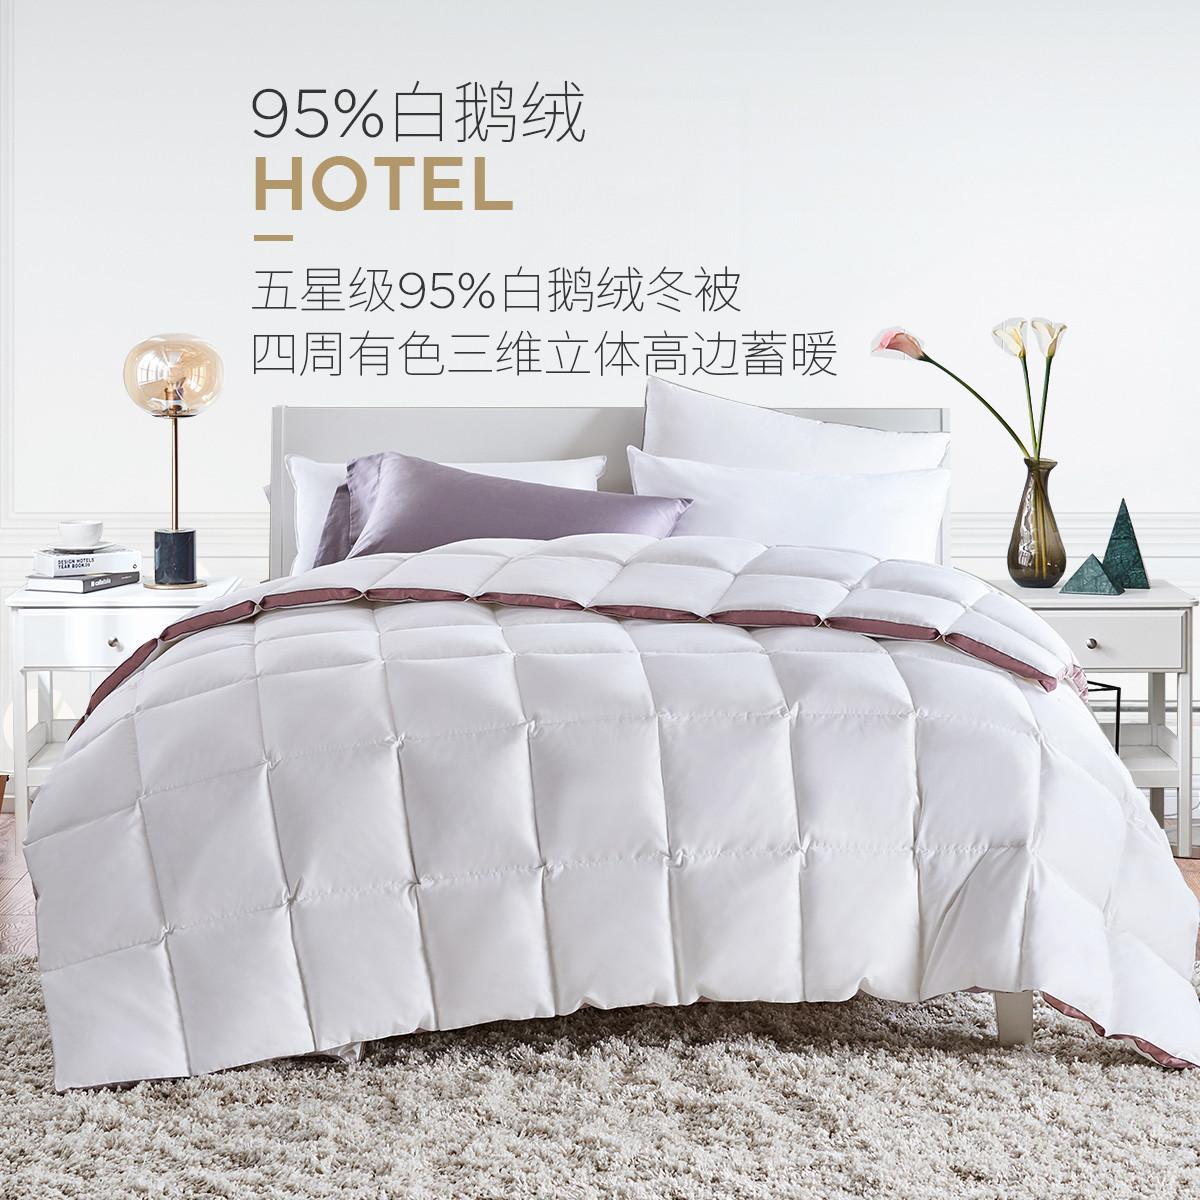 拉芙菲尔高品质95%白鹅绒被白鸭绒蓬松保暖加厚羽绒被芯冬被YYL16074A